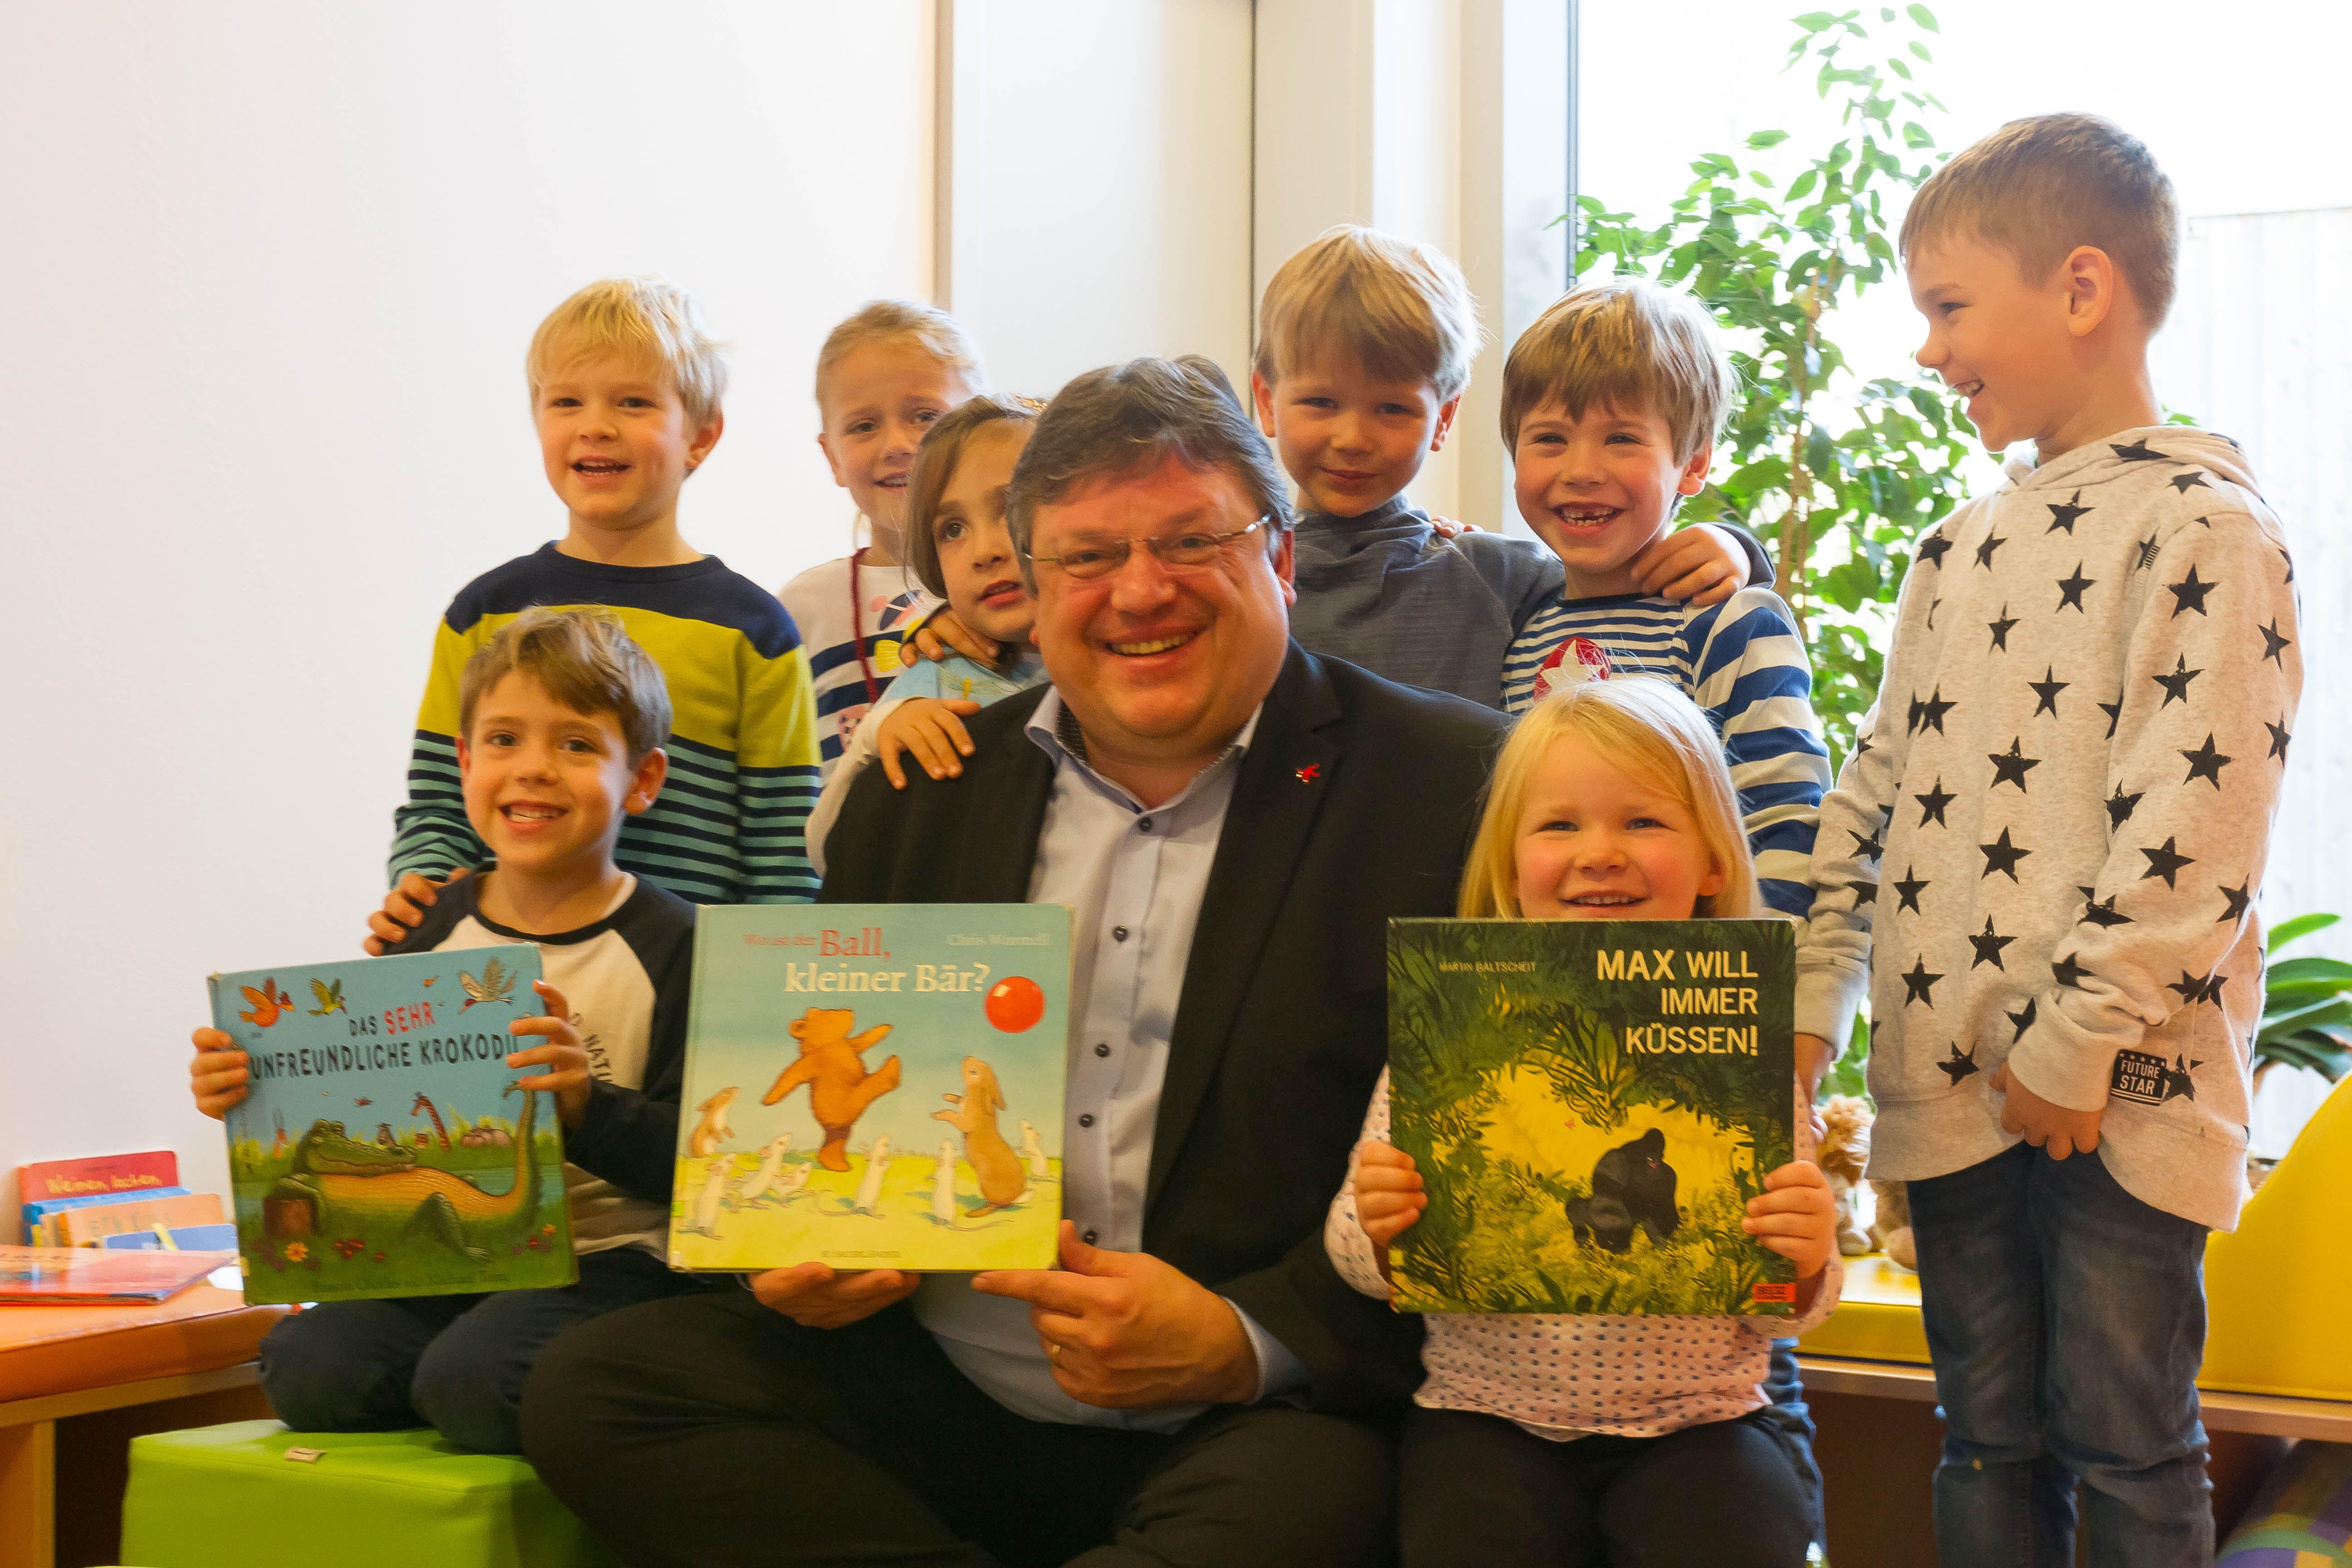 """Andreas Rimkus am bundesweiten Vorlesetag zu Besuch in der Kita """"Kleine Löwen"""" im Düsseldorfer Süden"""